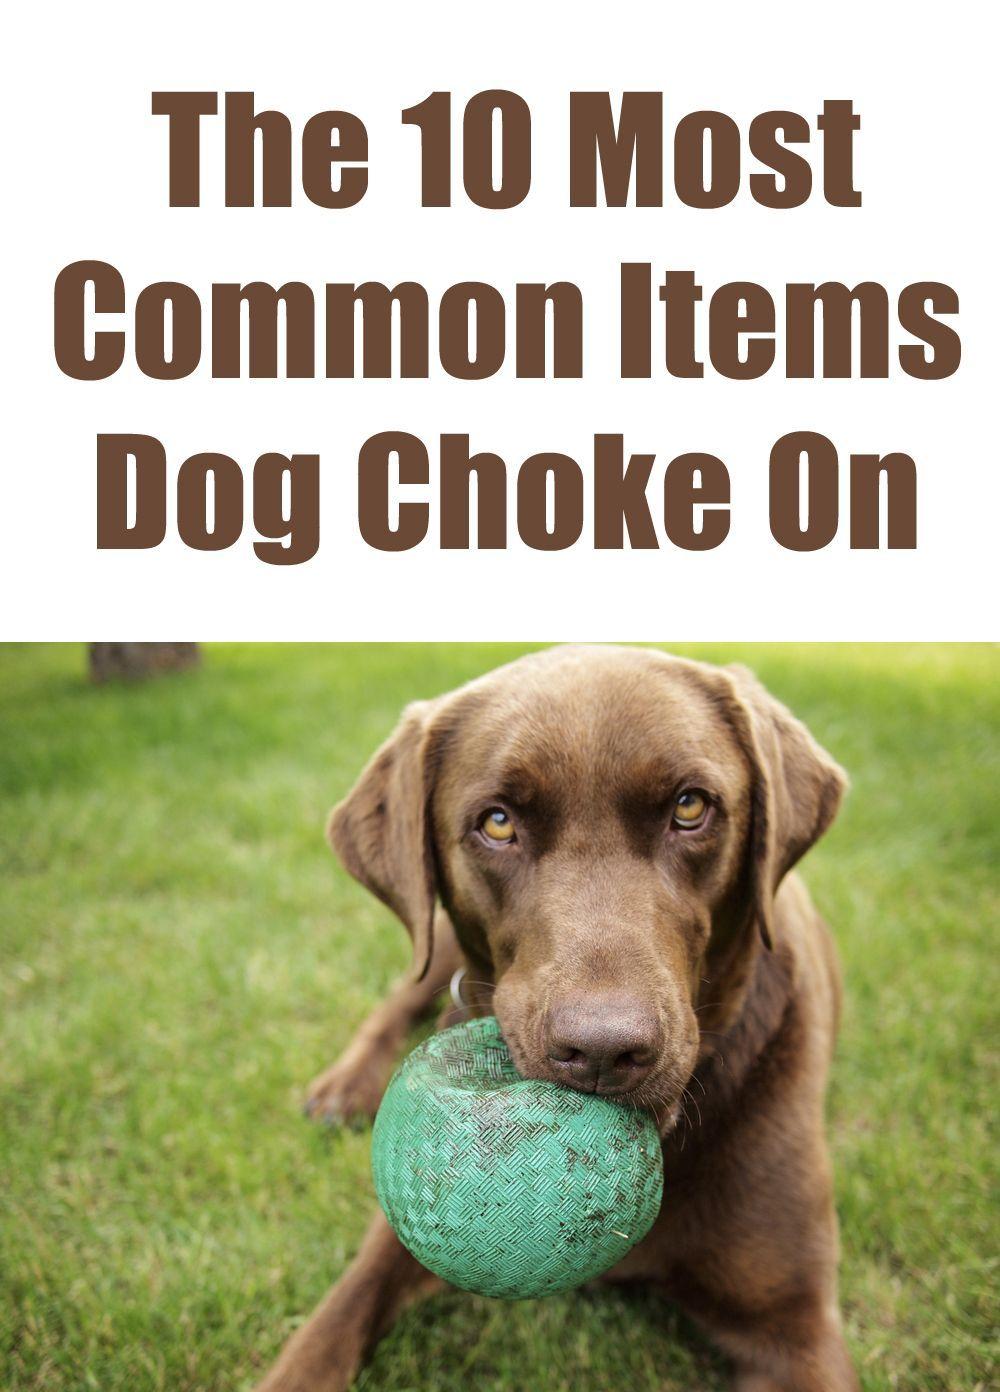 Minnie gonzalez mgonzalez1455 dog care dogs dog health